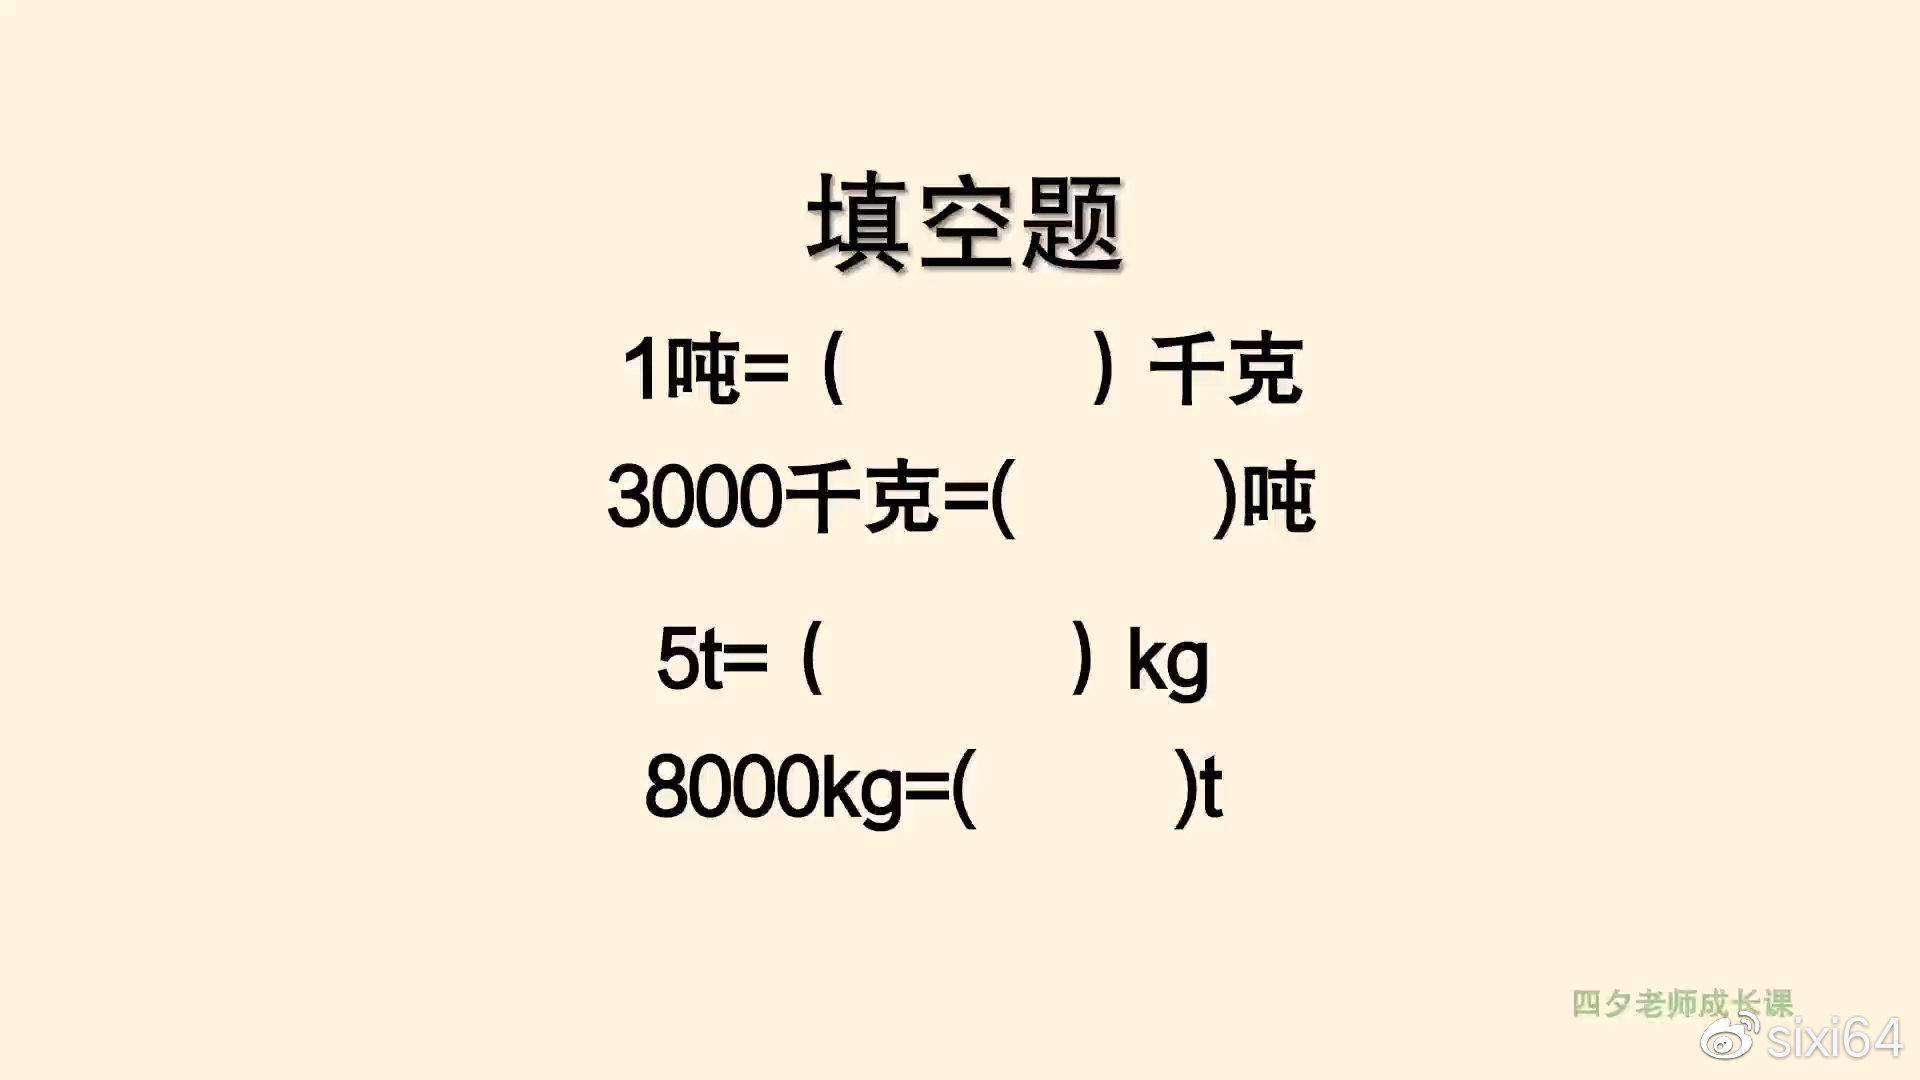 三年级数学:千克与吨相互转化的填空题